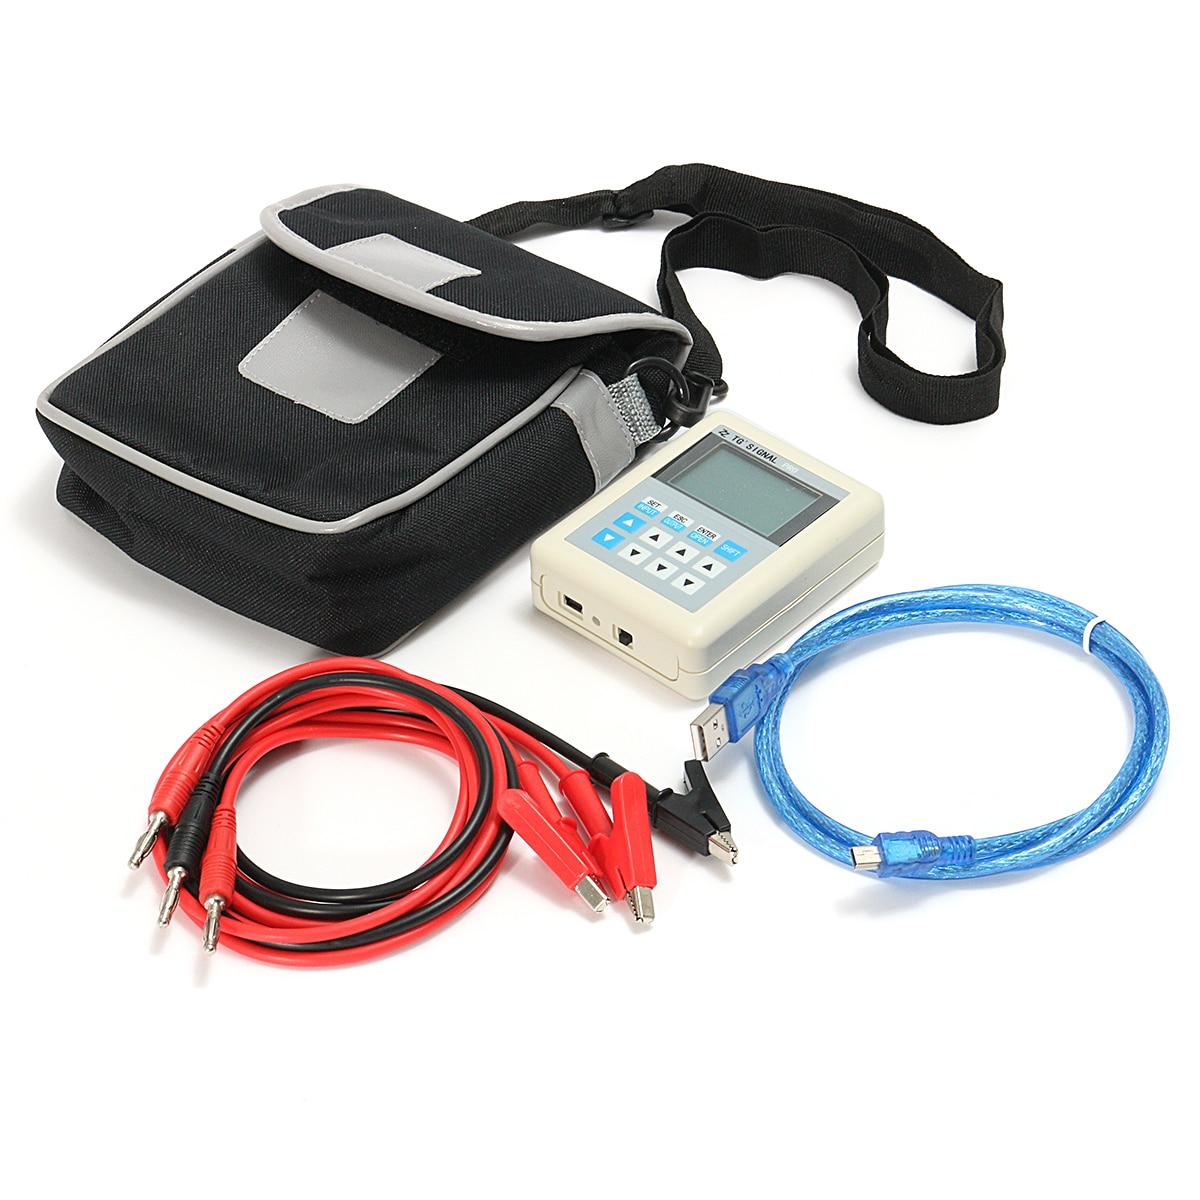 4 pièces 4-20mA générateur de Signal de courant 0-10 V générateur de Signal de tension Source émetteur enregistreur PLC étalonnage de la vanne - 5